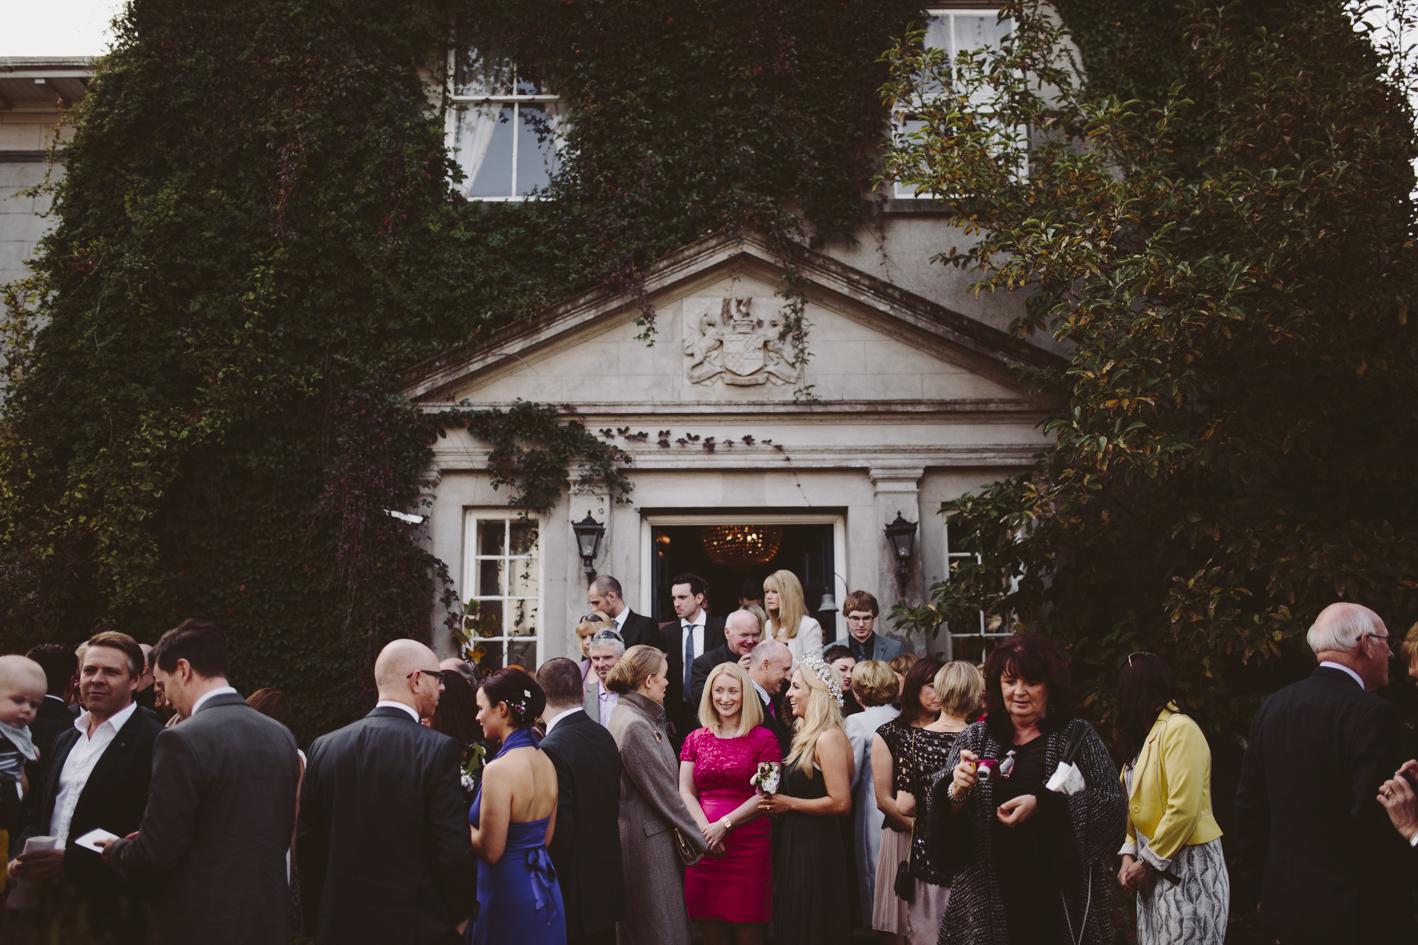 Wedding photographer Ireland Graciela Vilagudin 819.jpg